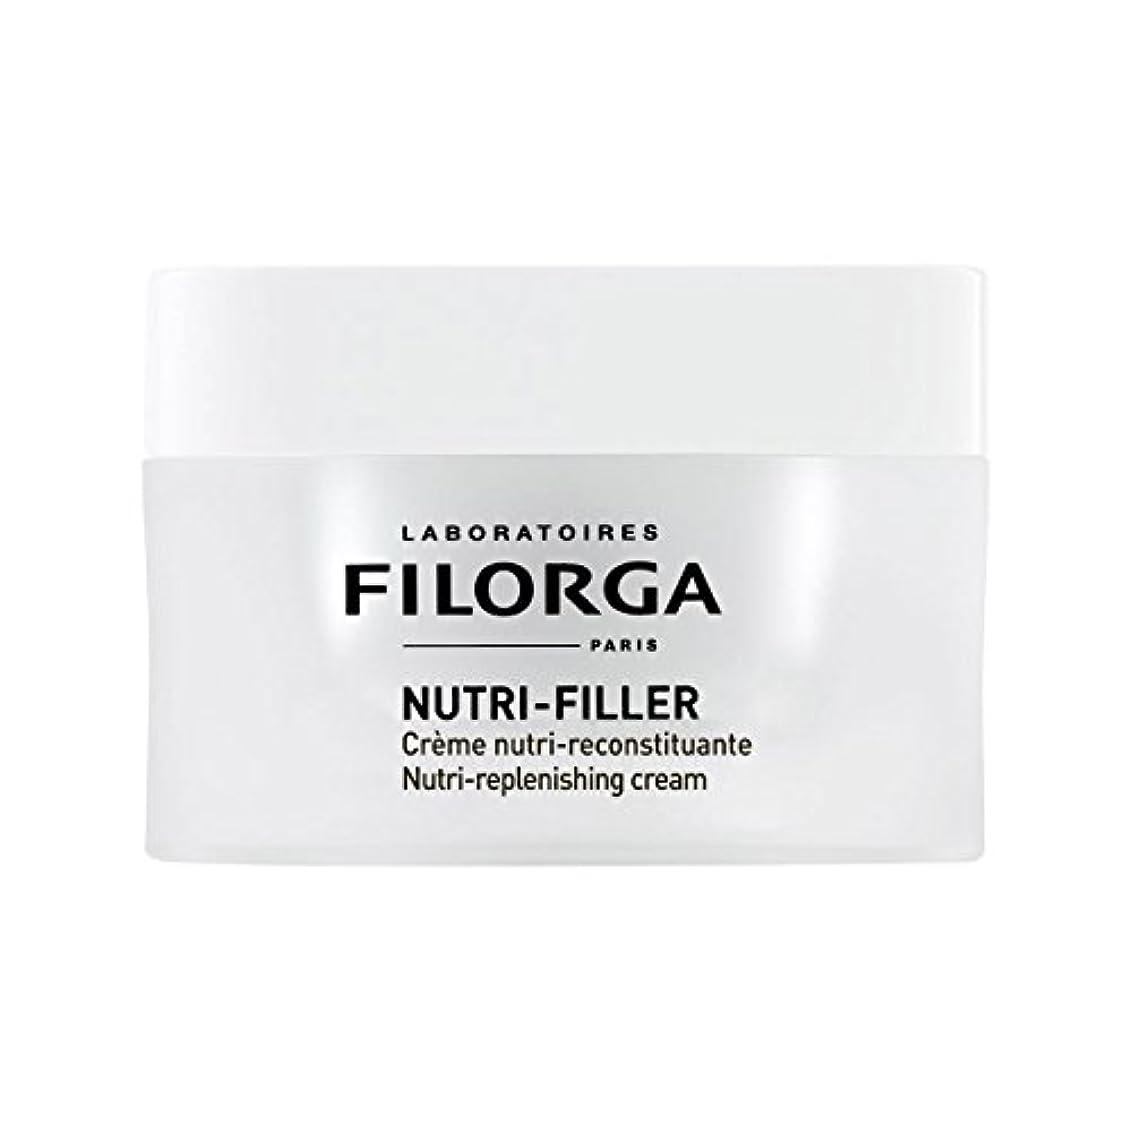 ユダヤ人不愉快にブローホールFilorga Nutri-filler Nutri-replenishing Cream 50ml [並行輸入品]